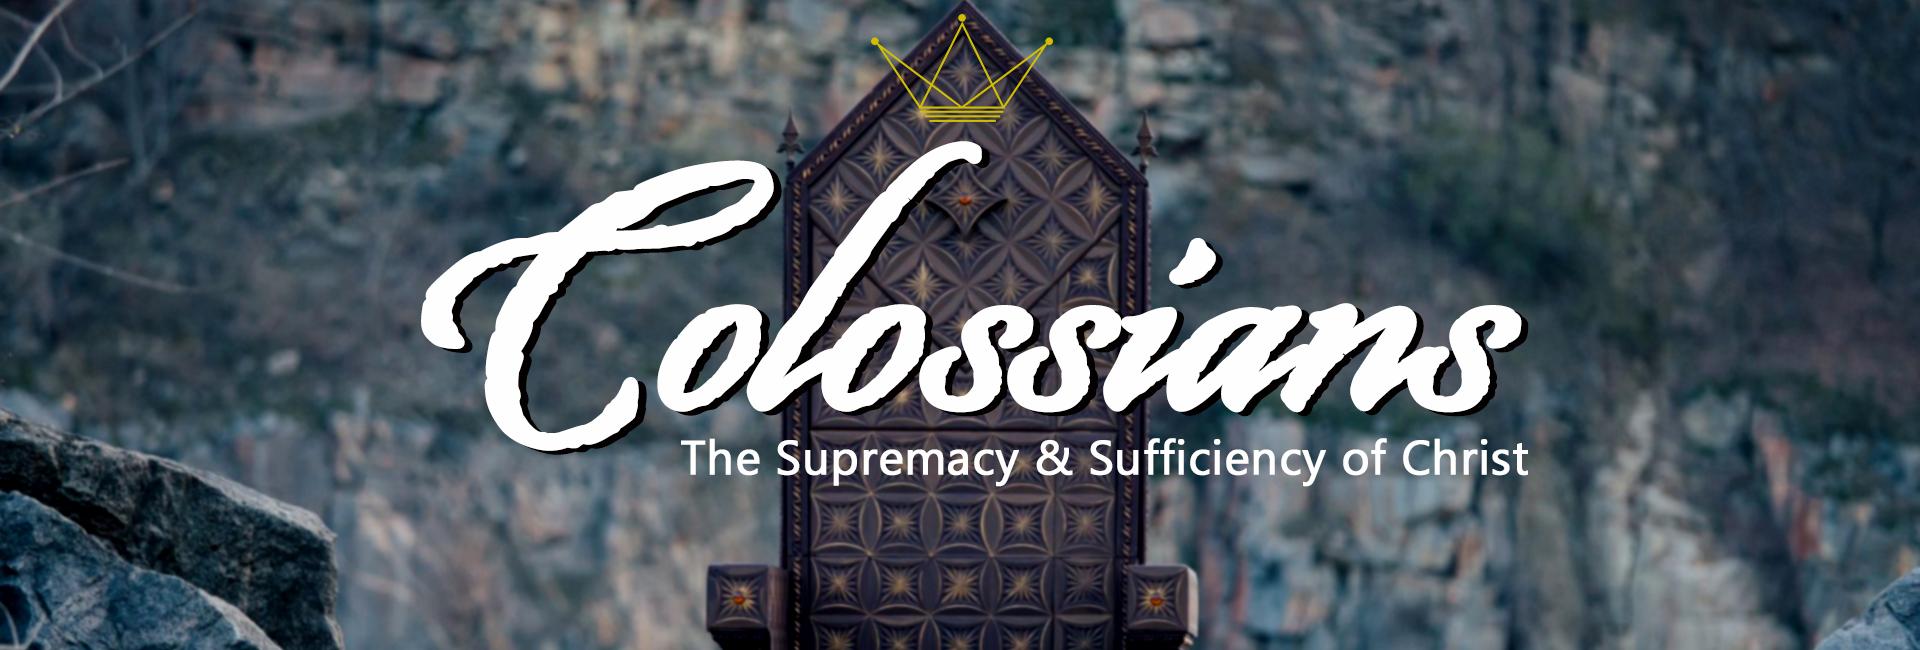 Colossians_Web